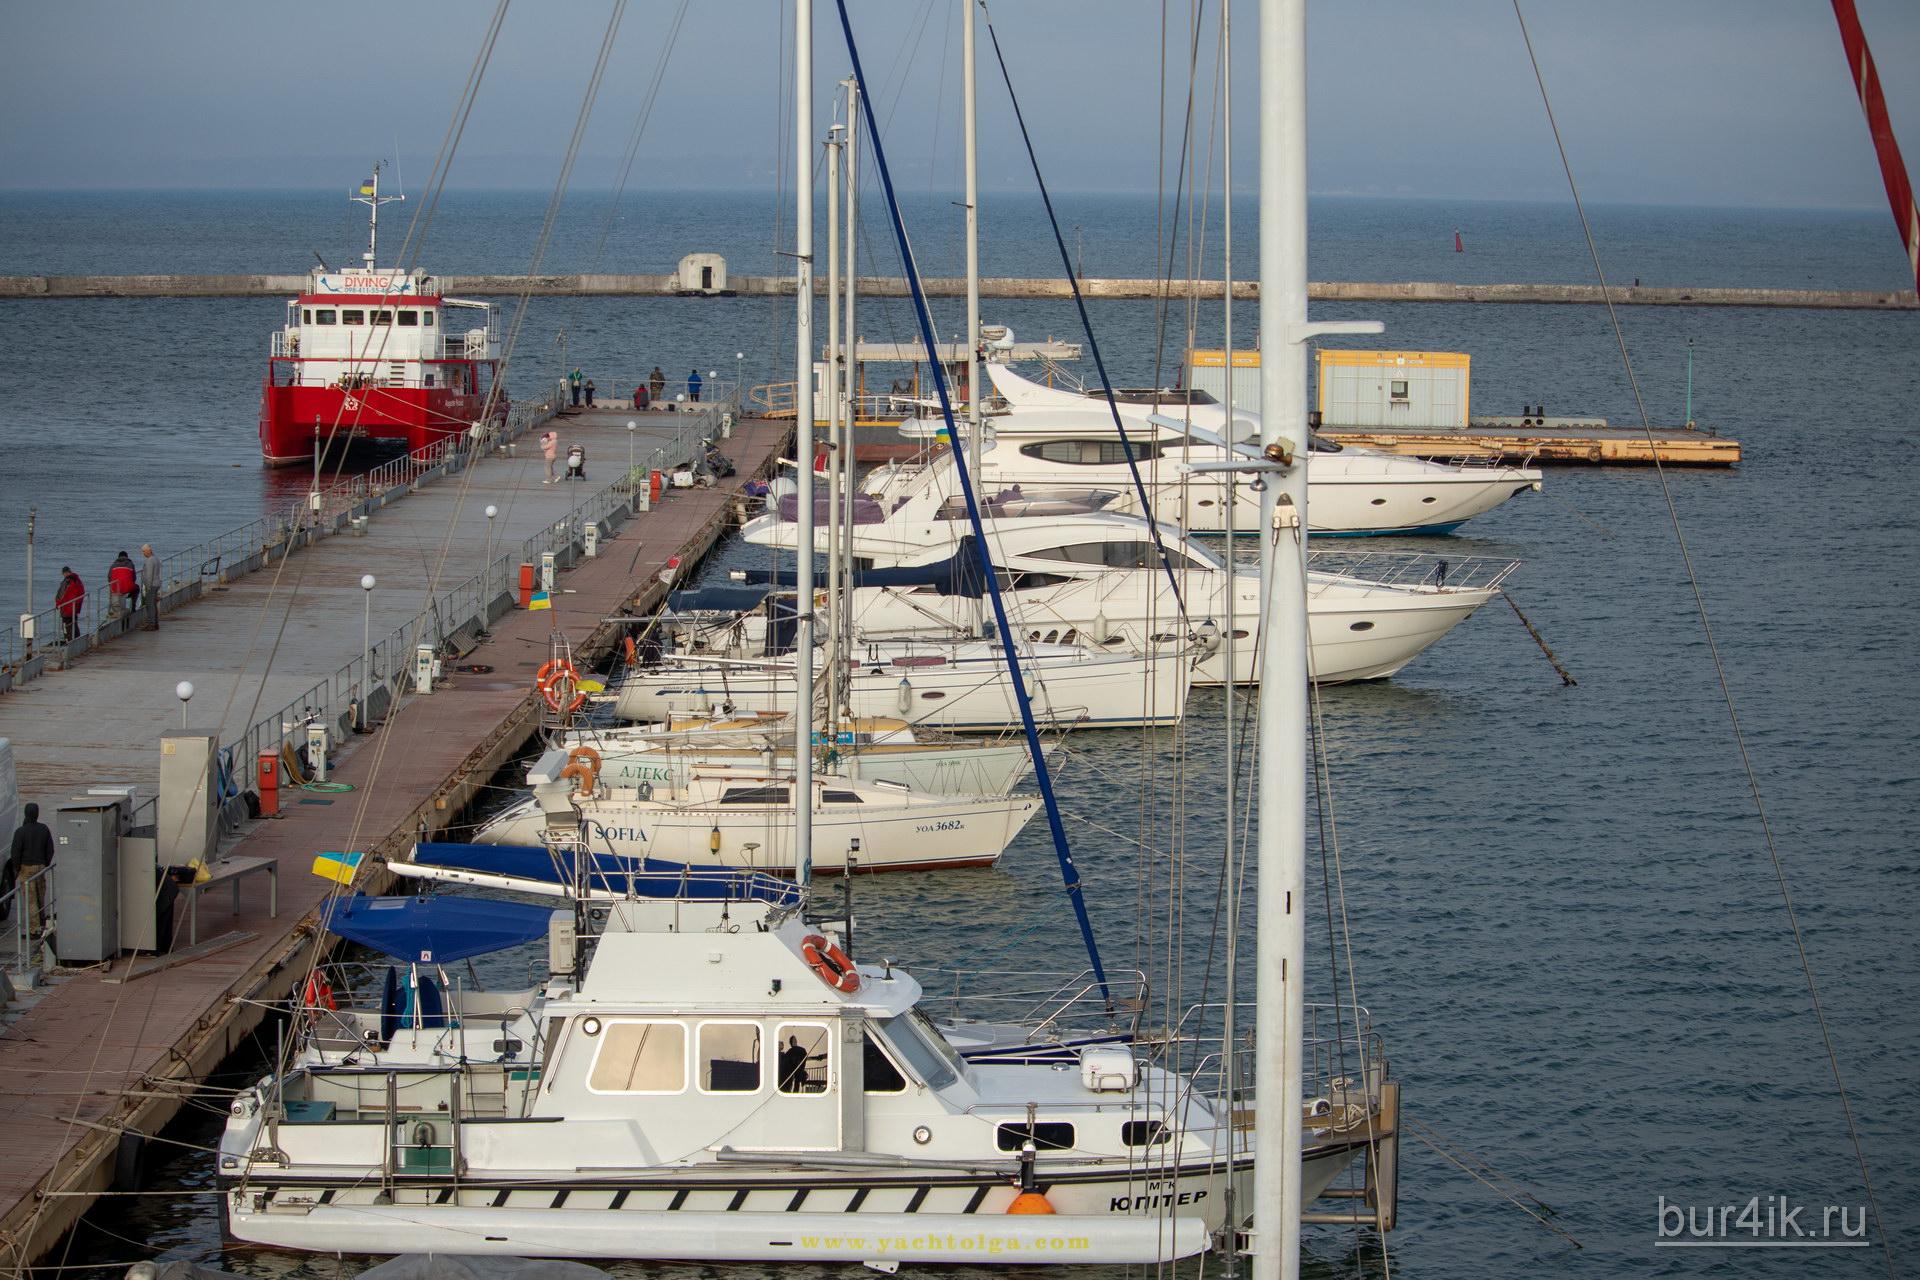 Стоянка яхт в порту города Одесса 3